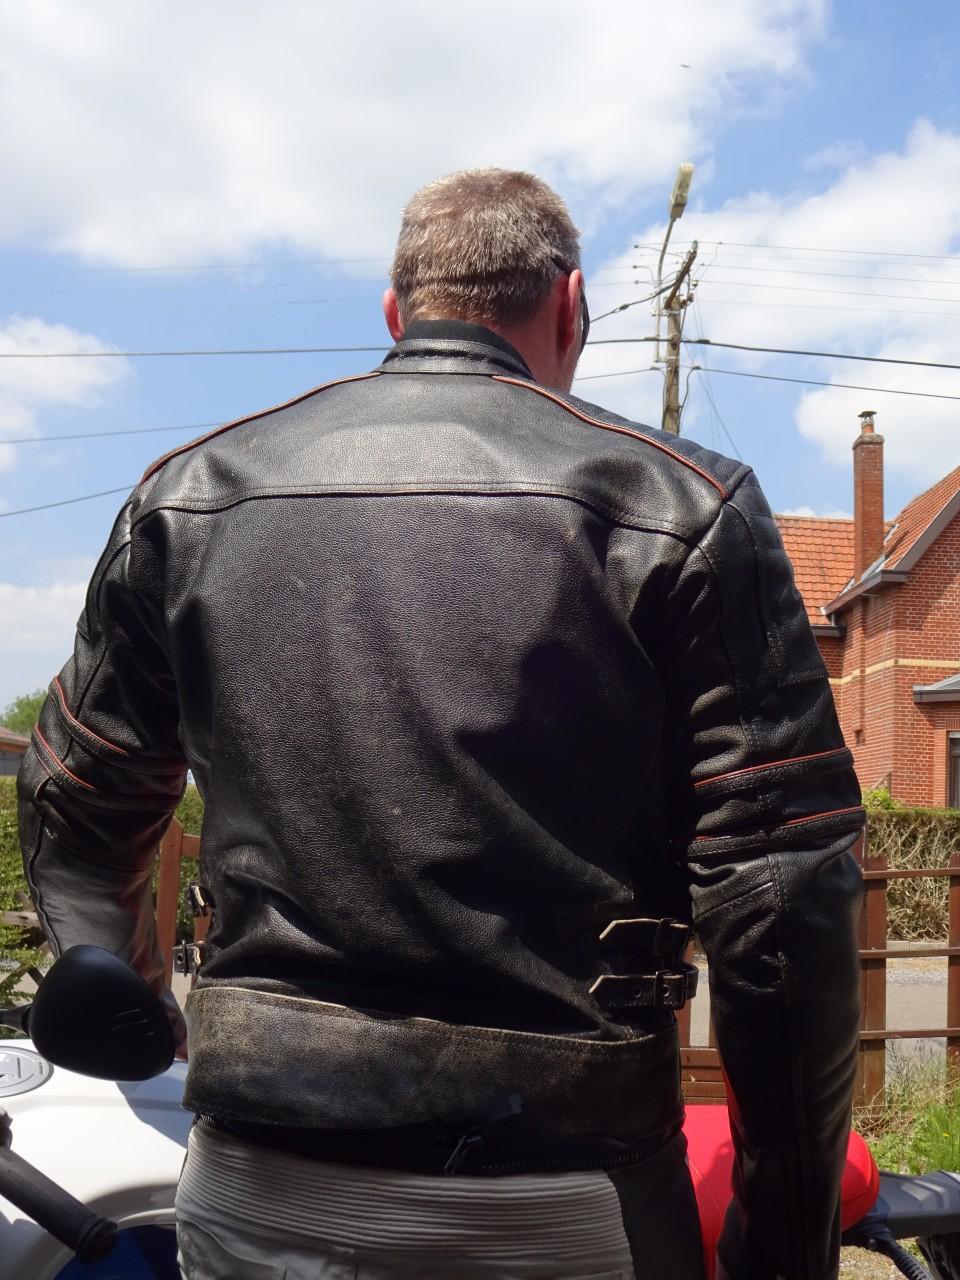 veste en cuir sur homme bedonnant